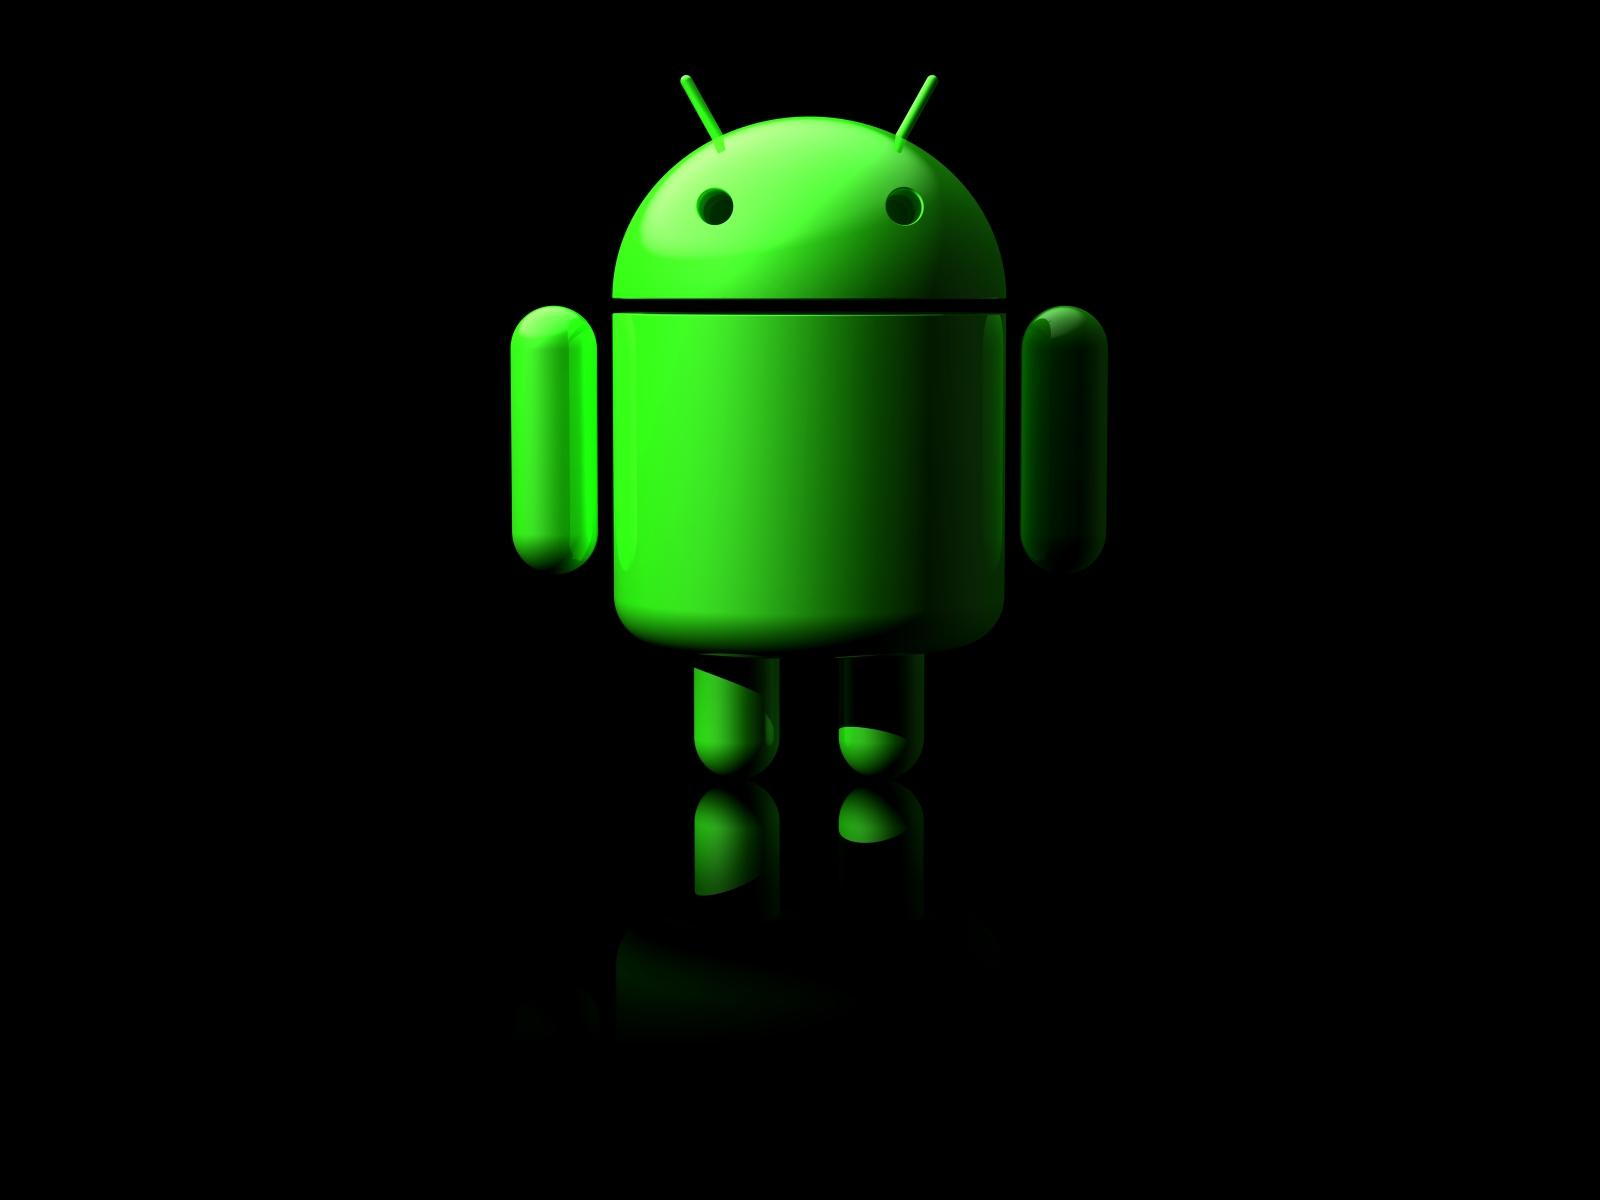 Как картинки на андроид, кальяна крутые красивая